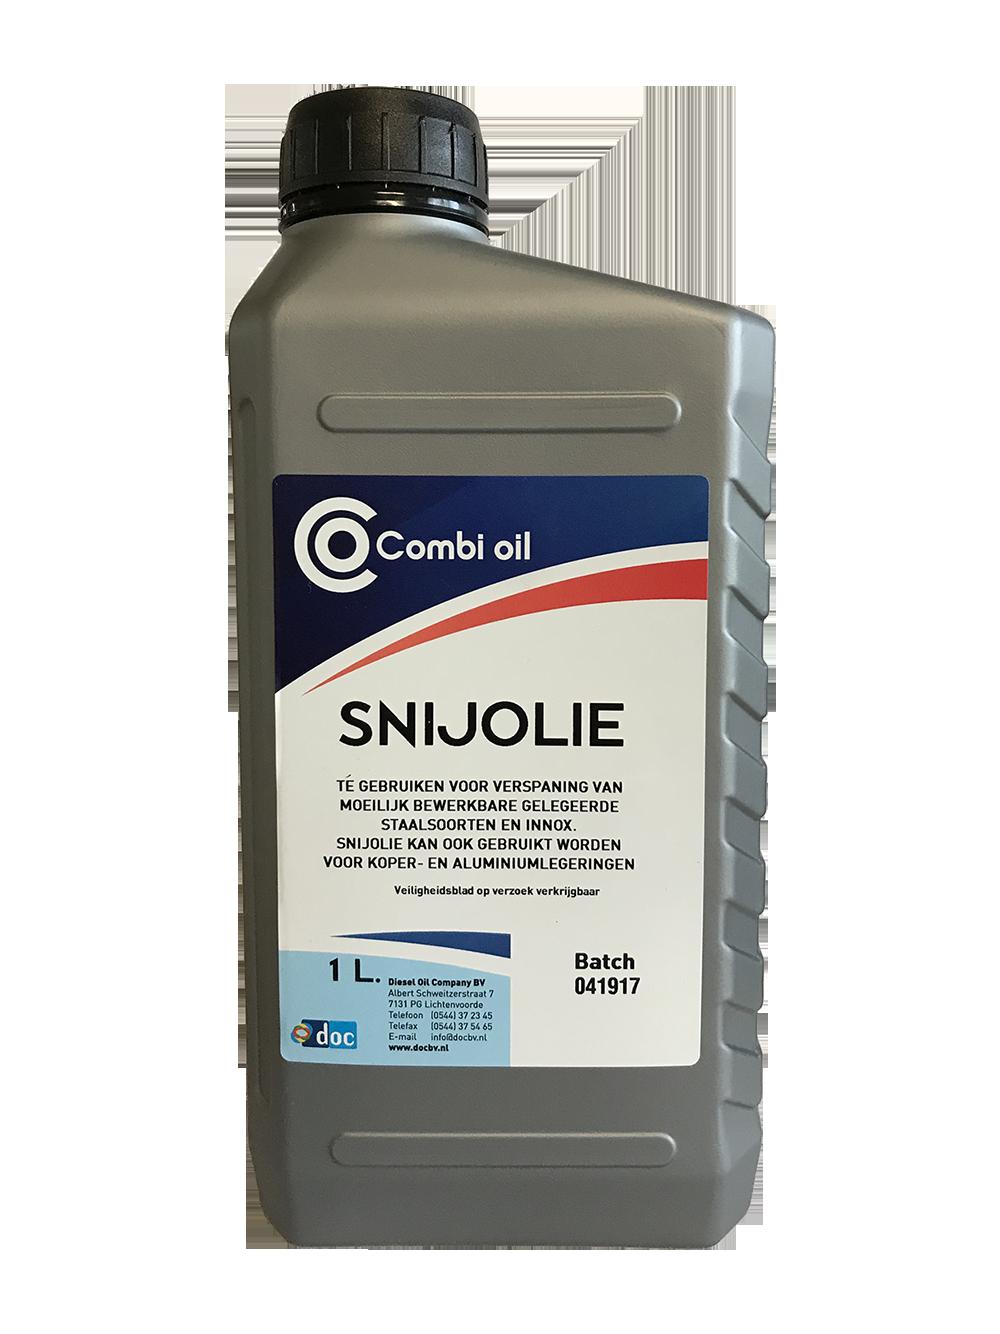 Afbeelding van combi olie oil snijolie 1 l, fles